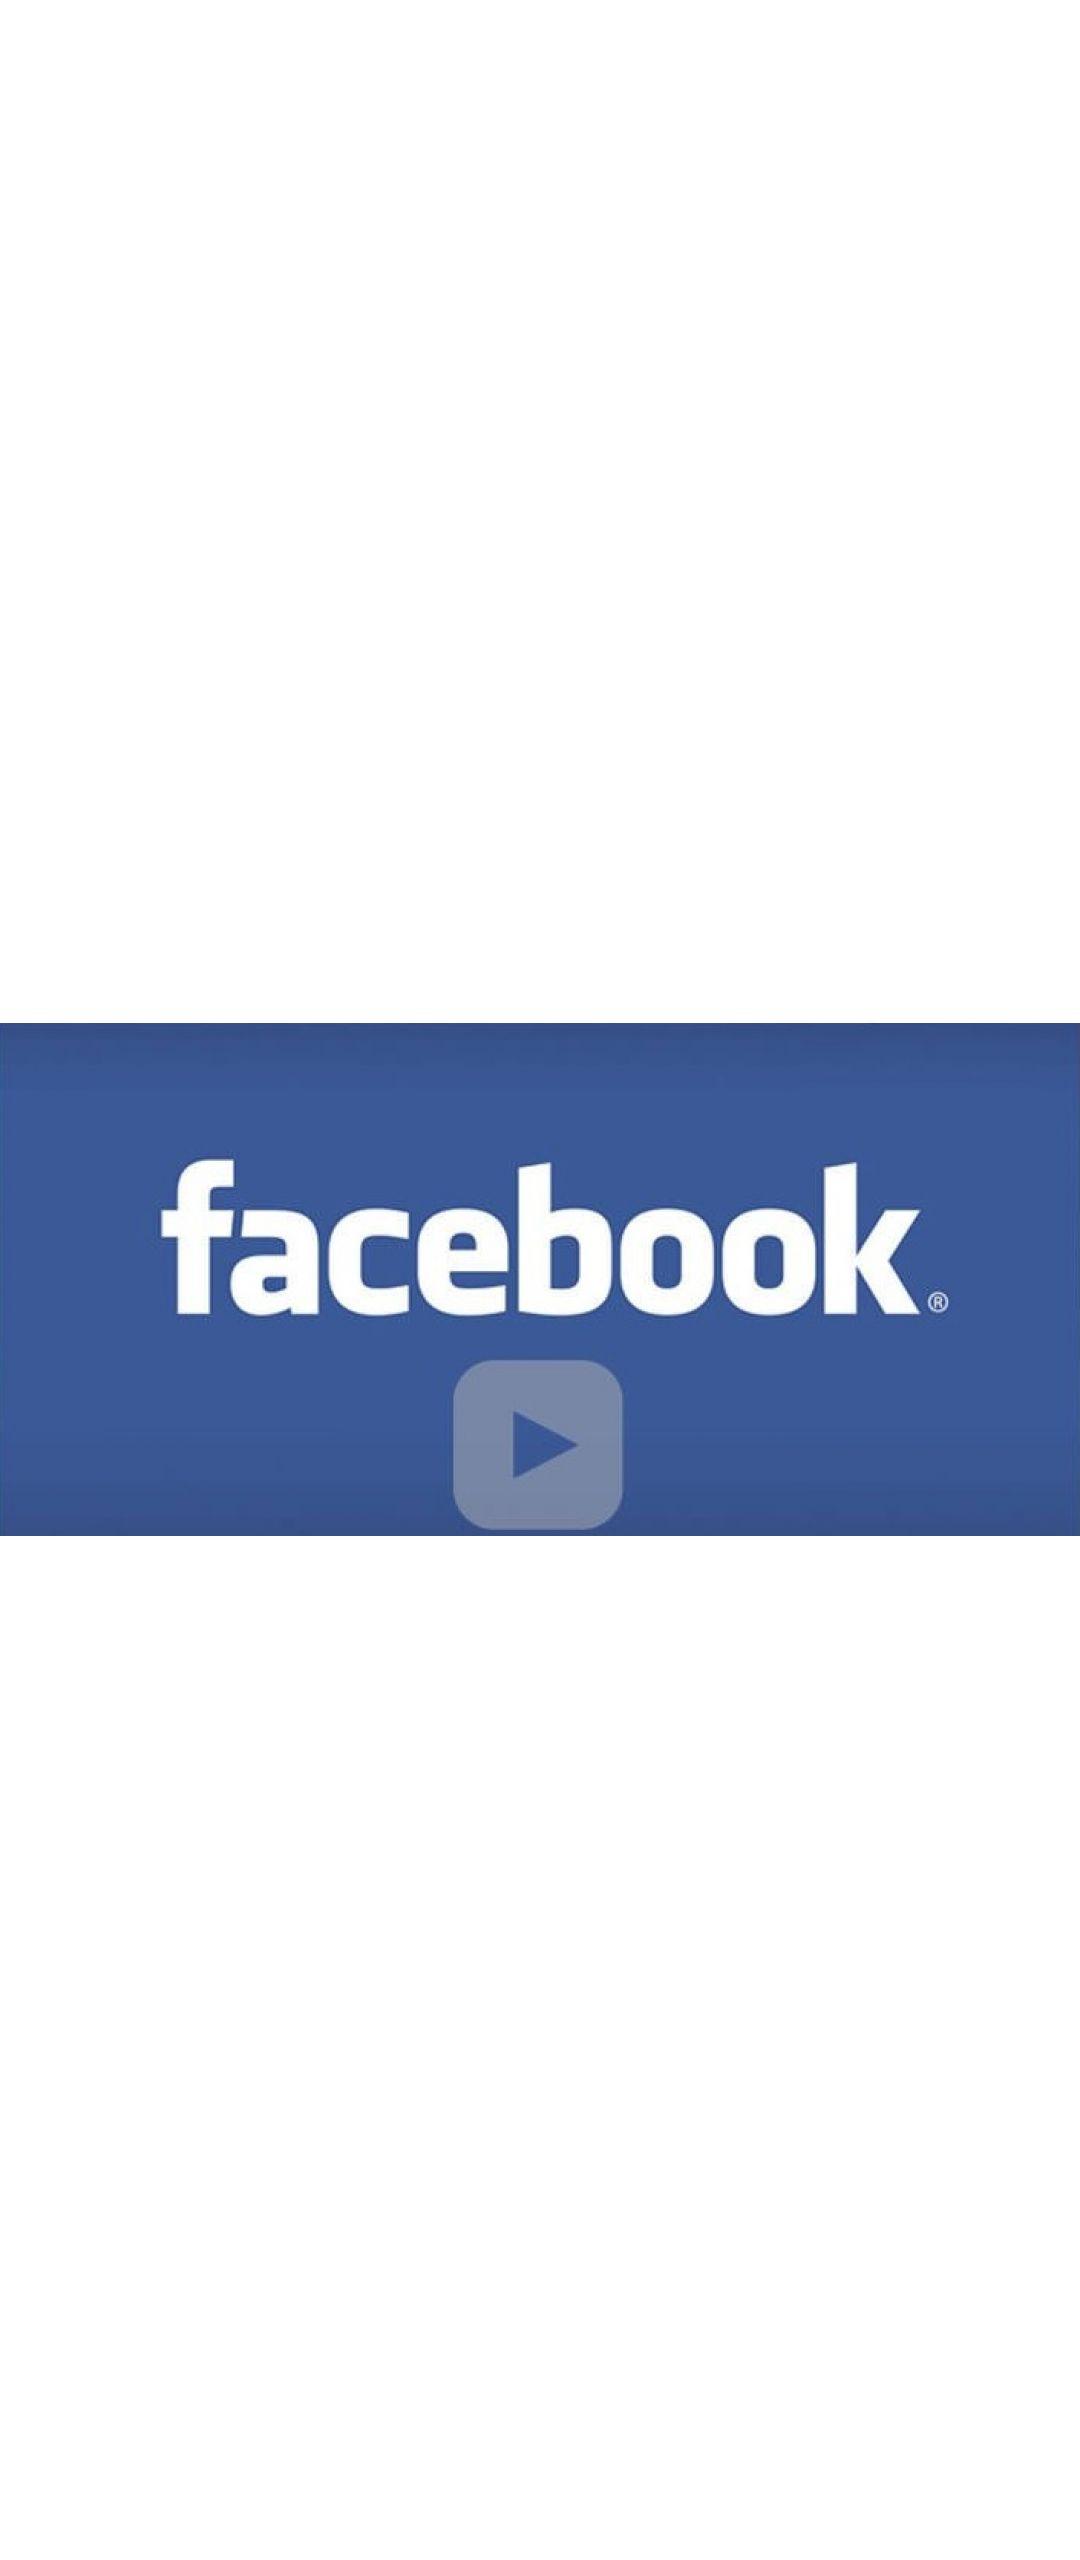 Al fin podrás ver videos de Facebook directamente en tu televisor